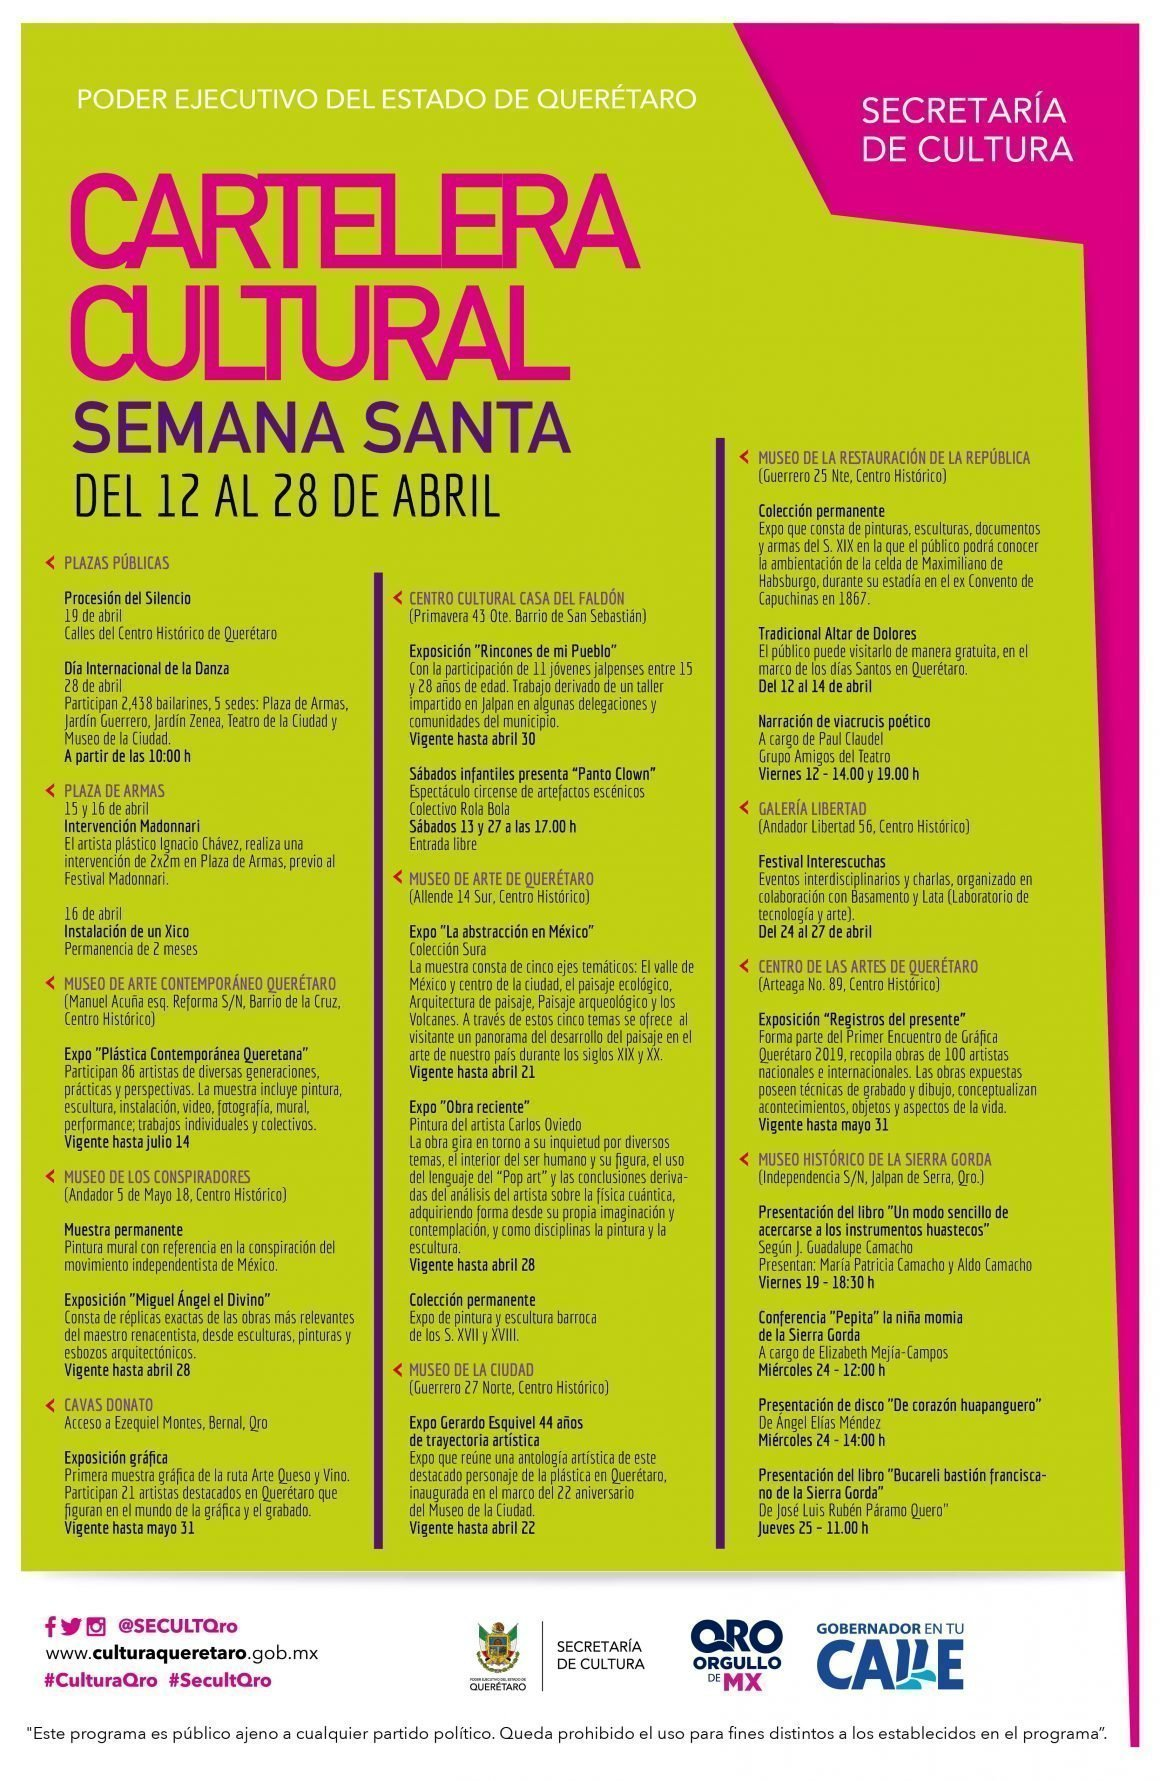 Cartelera Cultural Semana Santa1